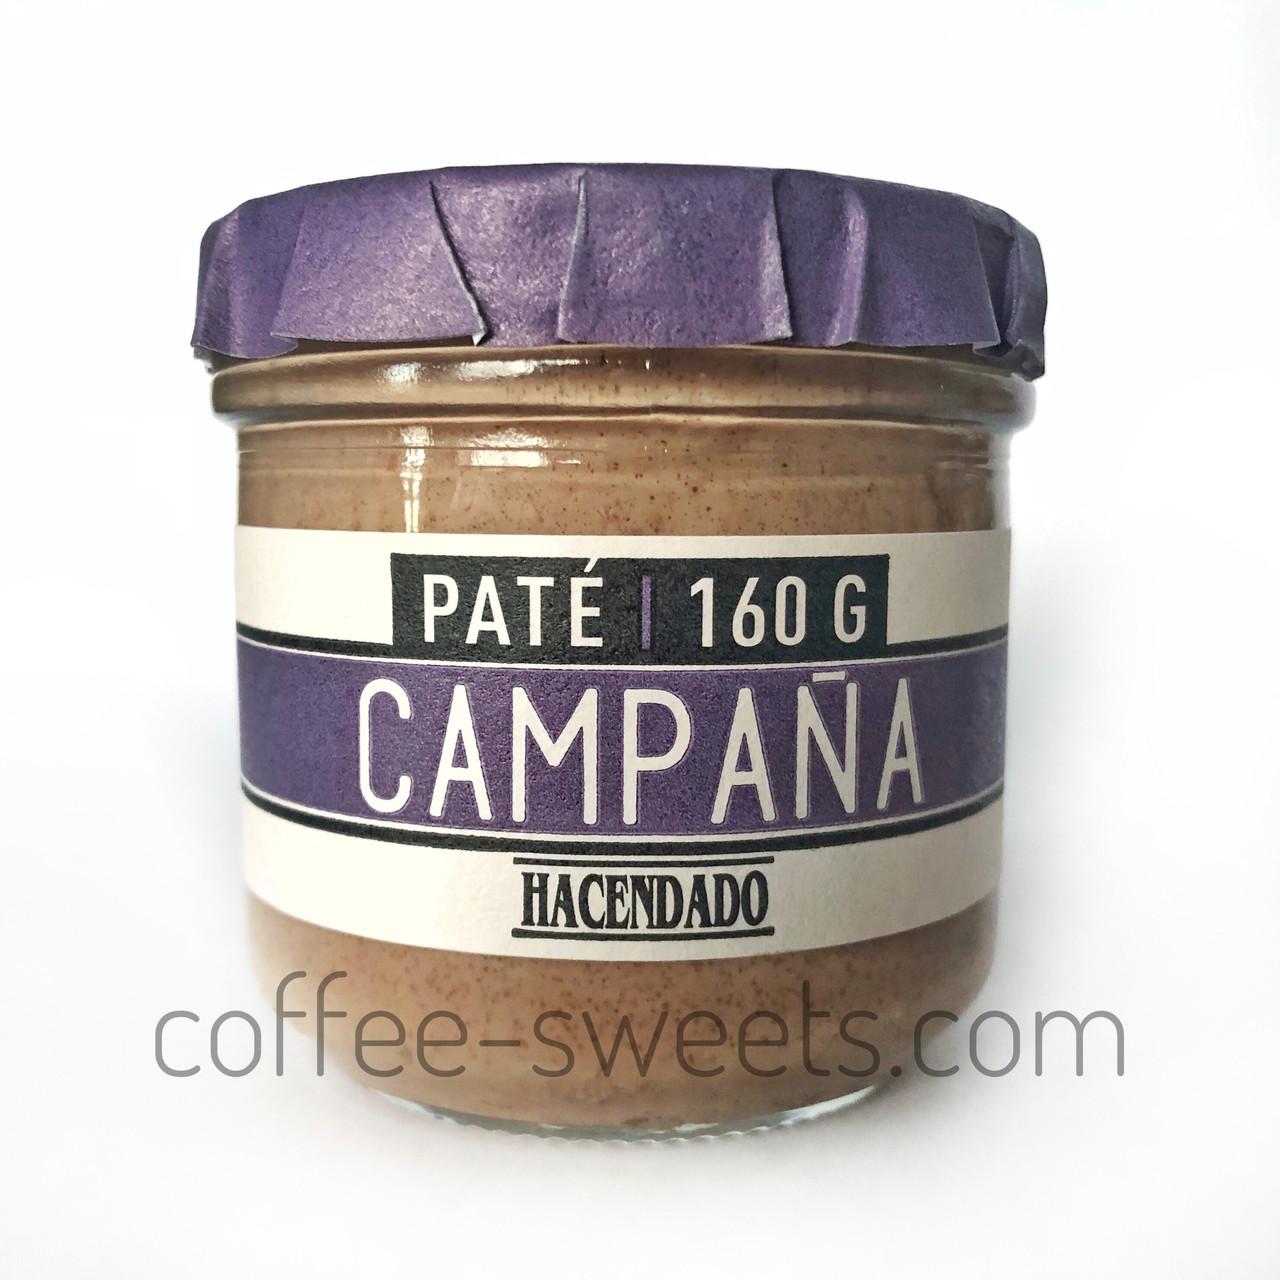 Паштет Hacendado Pate Campana (свинной) 160 g